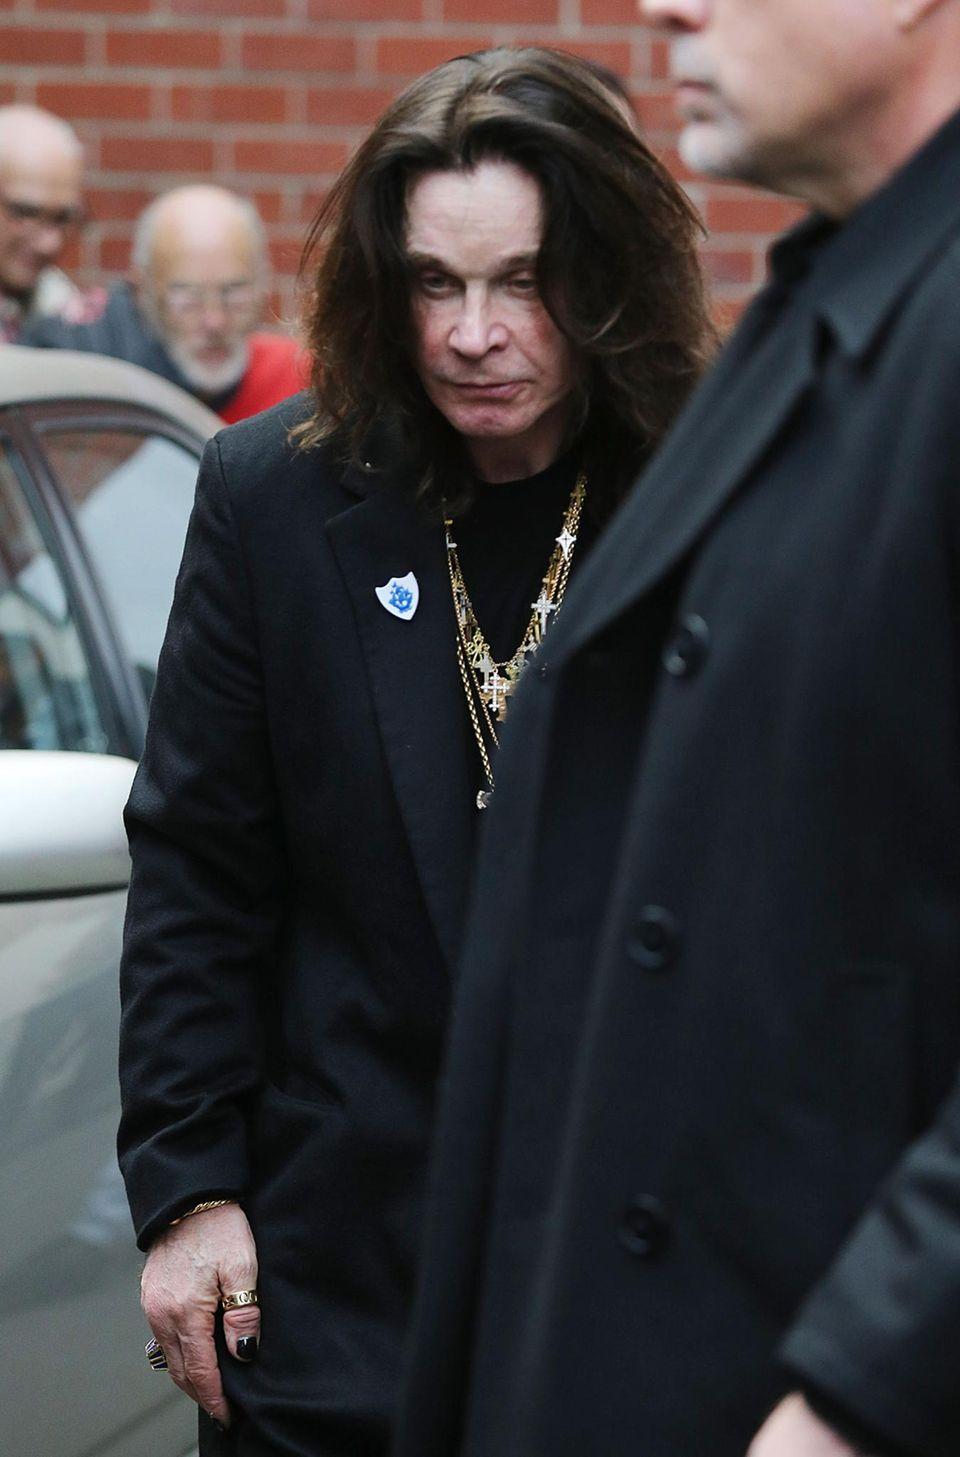 30. April 2013: Ozzy Osbourne ist im australischen Melbourne unterwegs und macht dabei - auch vor dem Hintergrund seines Alkohol- und Medikamentenrückfalls - nicht den fittesten Eindruck.